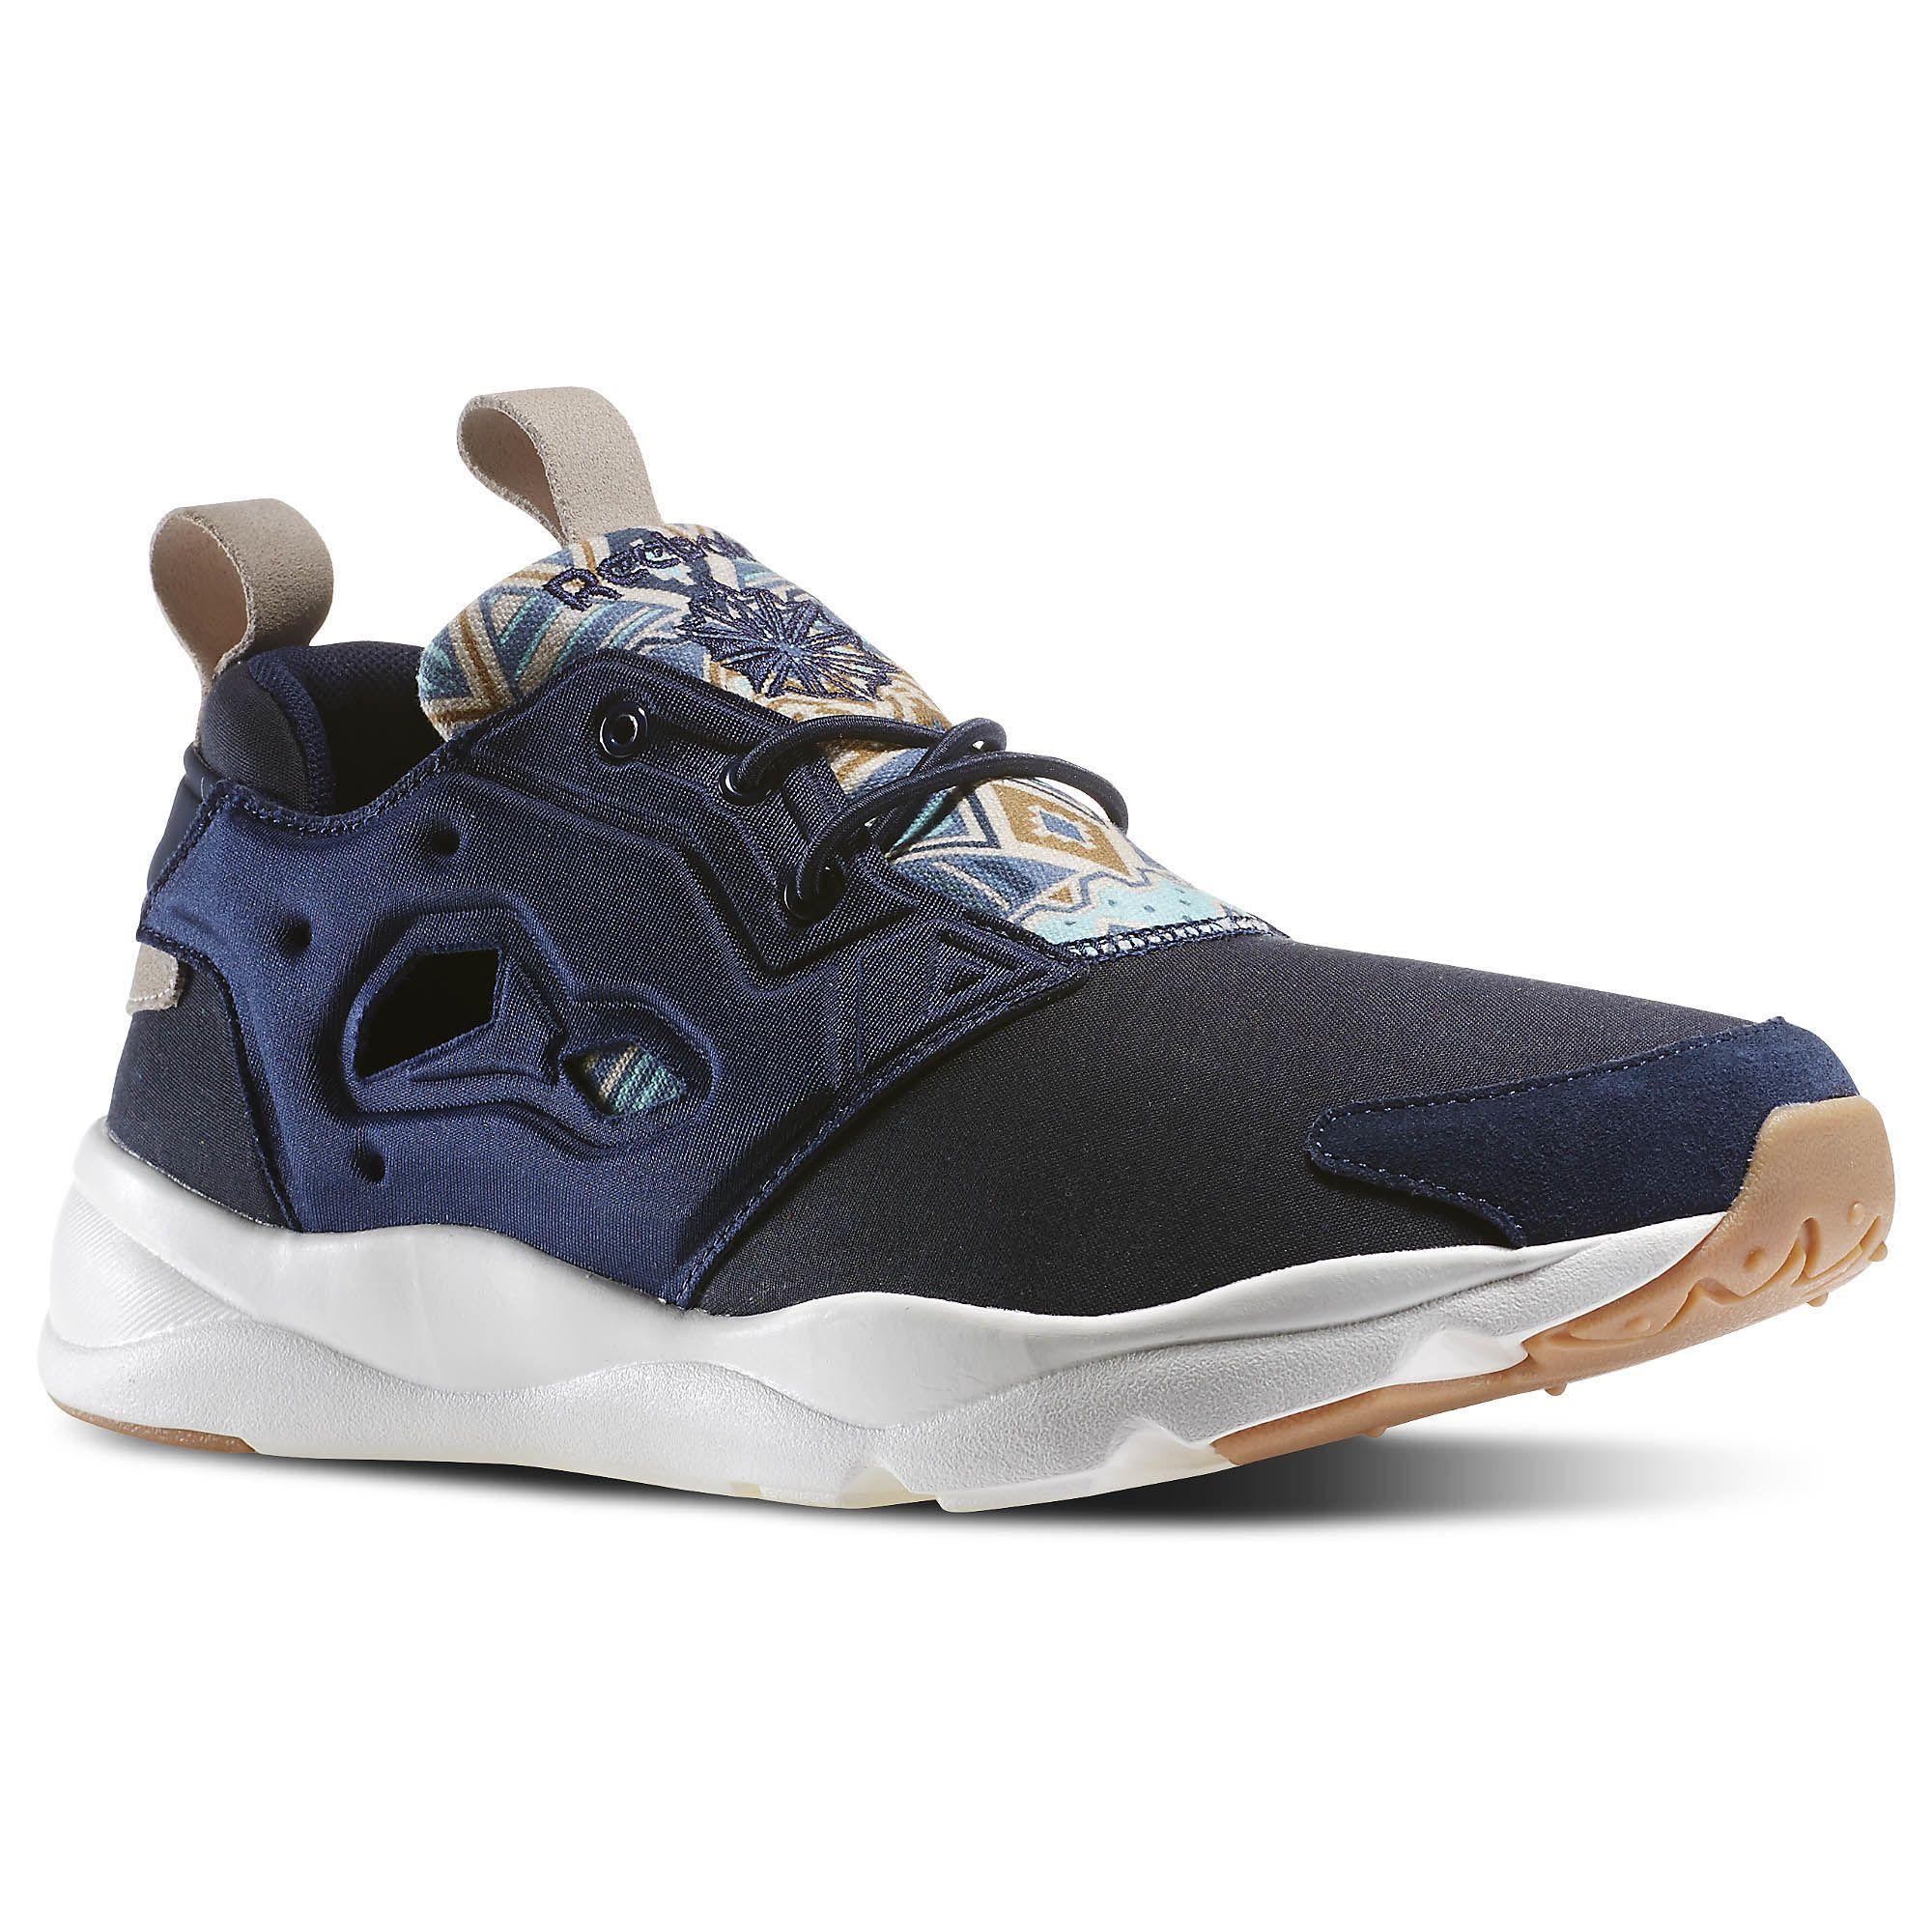 Nike Train Prime Iron DF 832219001 Sneaker Uomo